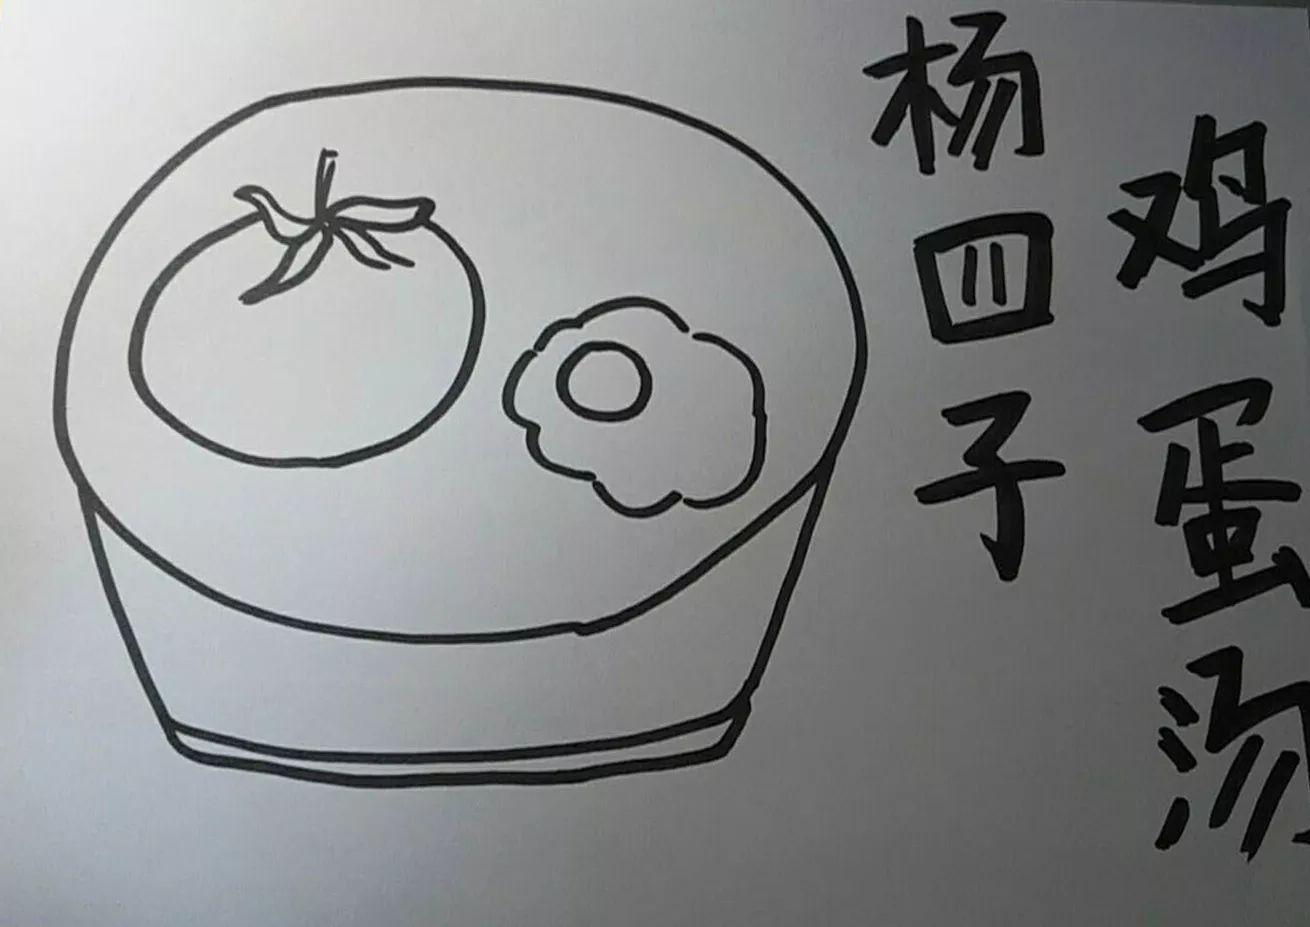 蓝鲸手绘简笔画